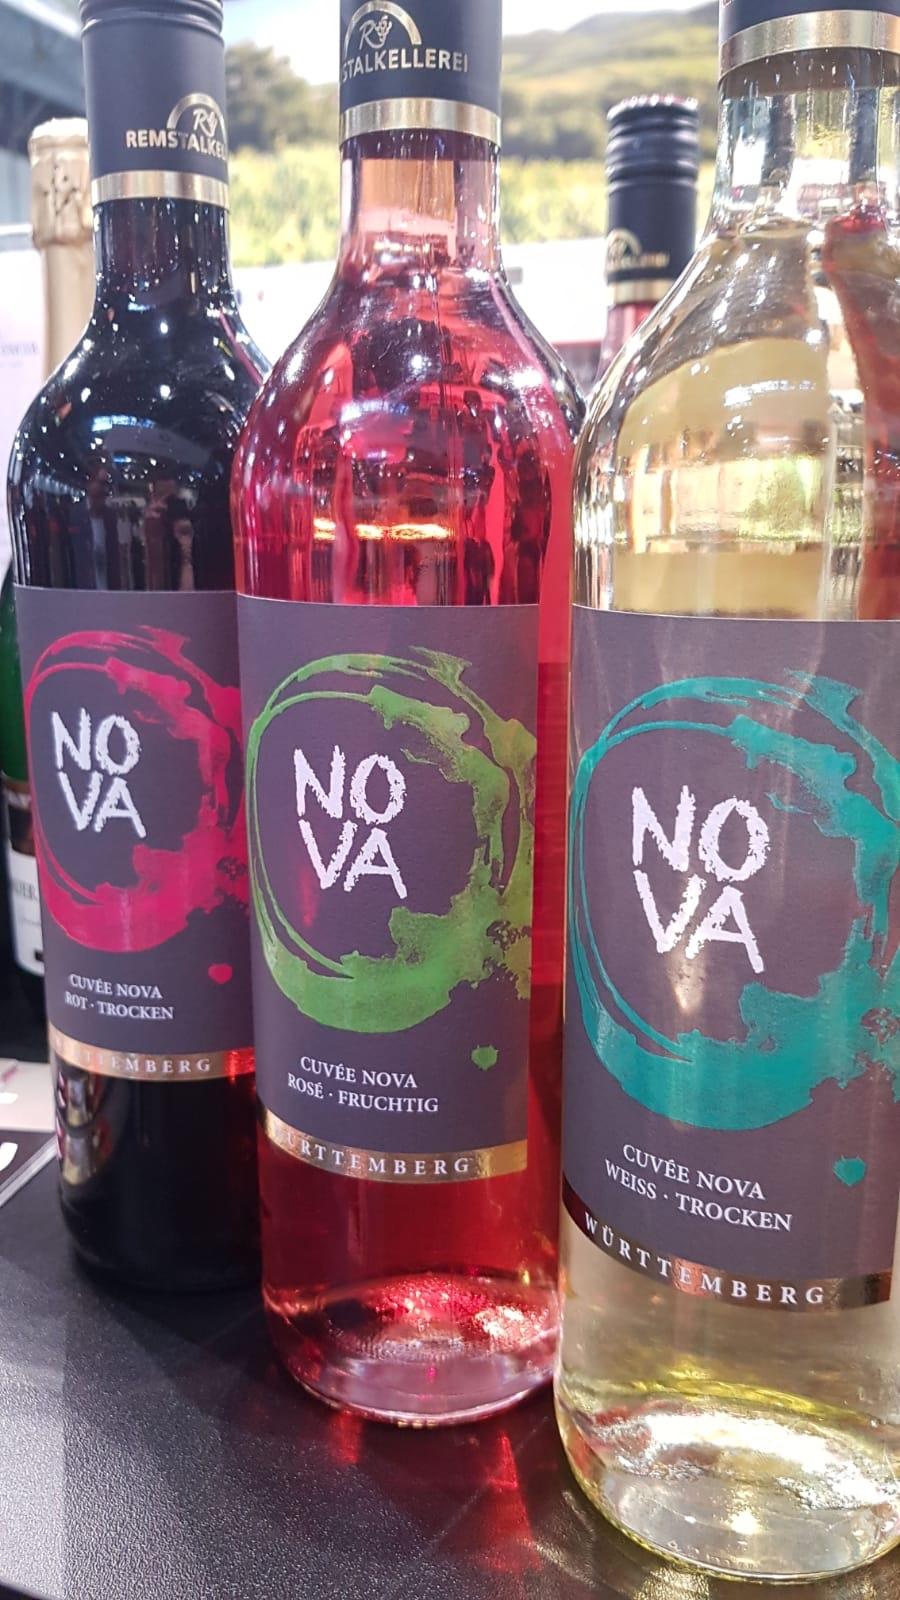 Die drei Weine der NOVA-Linie der Remstalkellerei